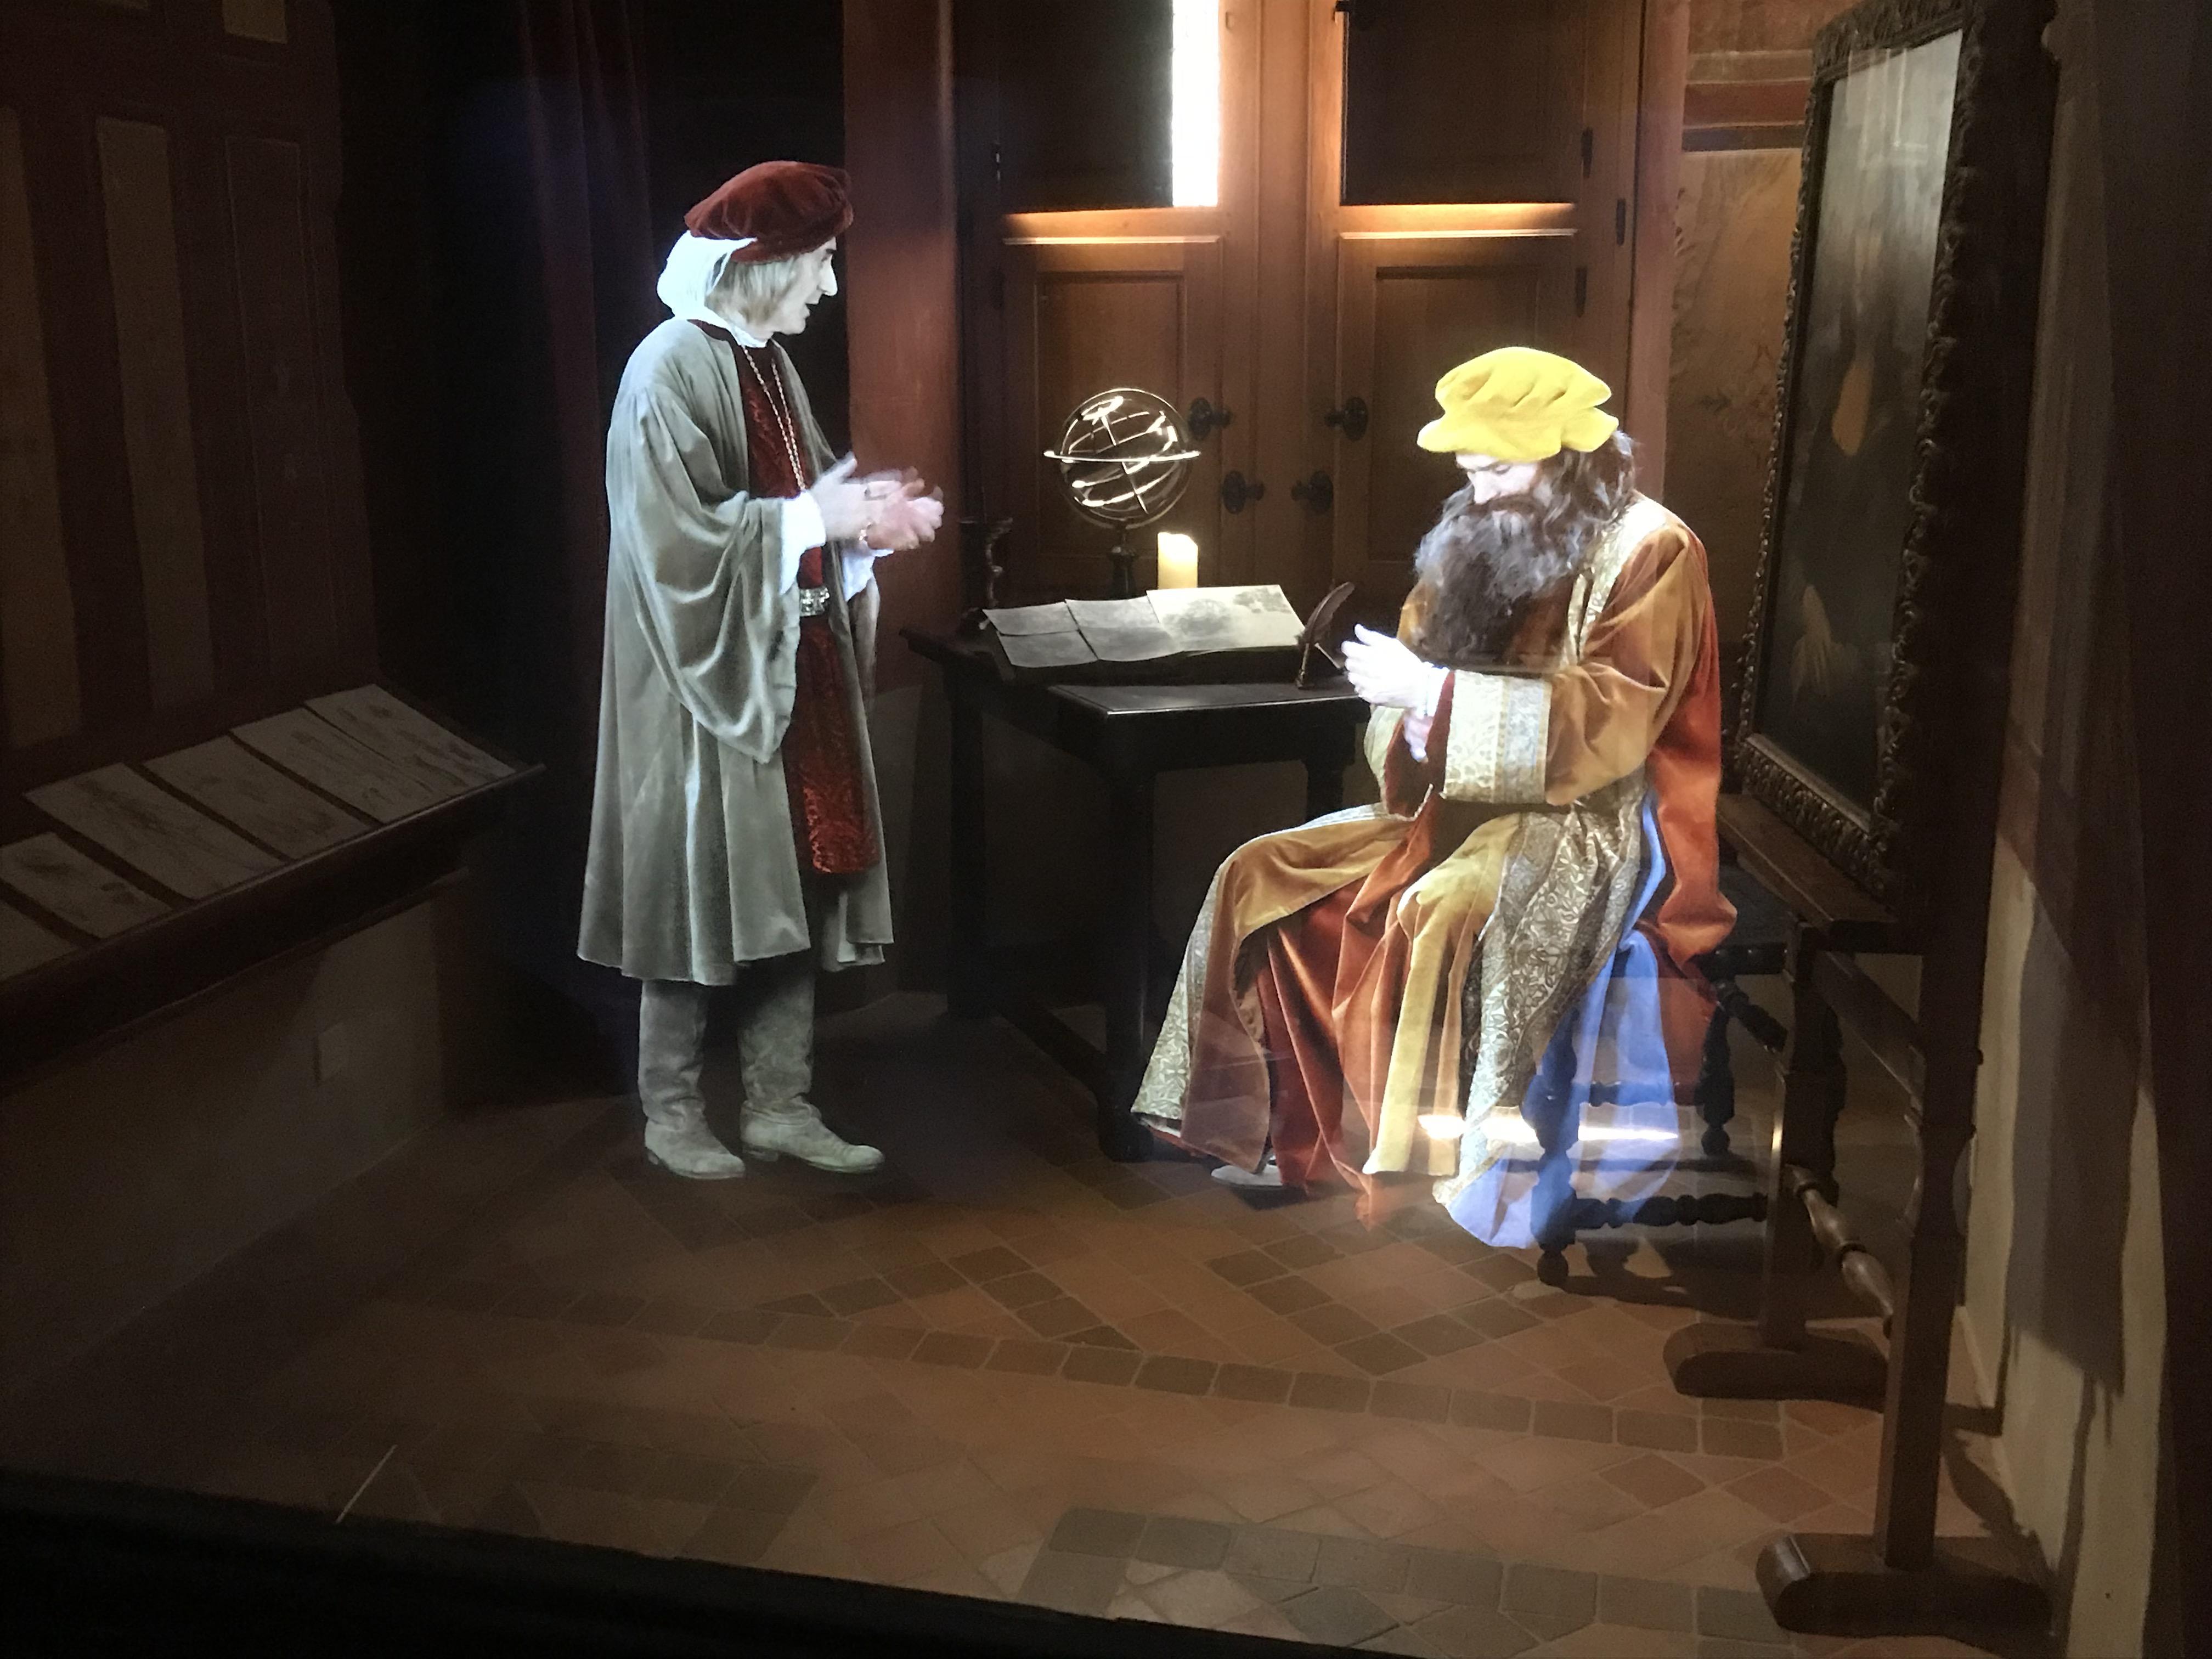 Stalking Leonardo da Vinci in France